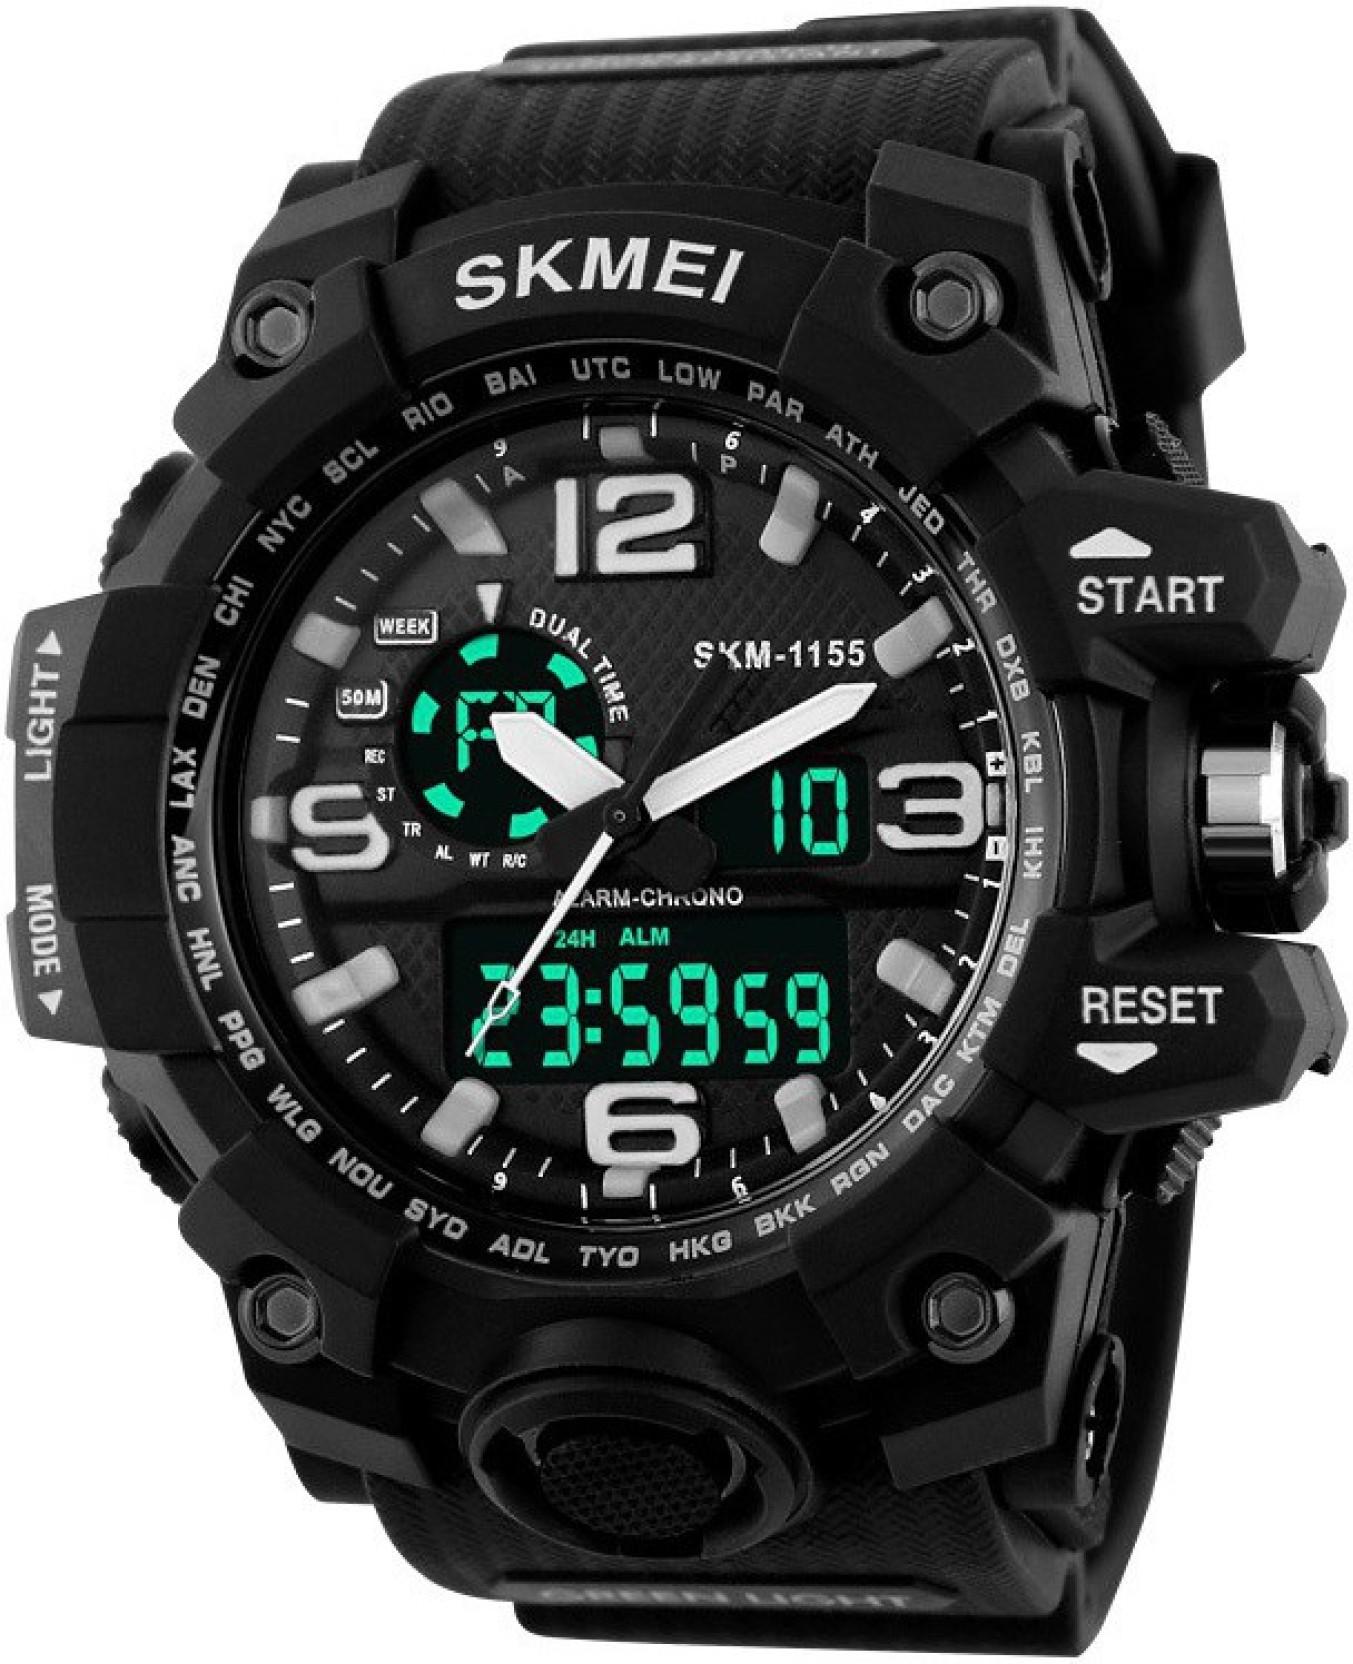 Skmei AD1155BLK ANADIG Watch For Men Buy Skmei AD1155BLK